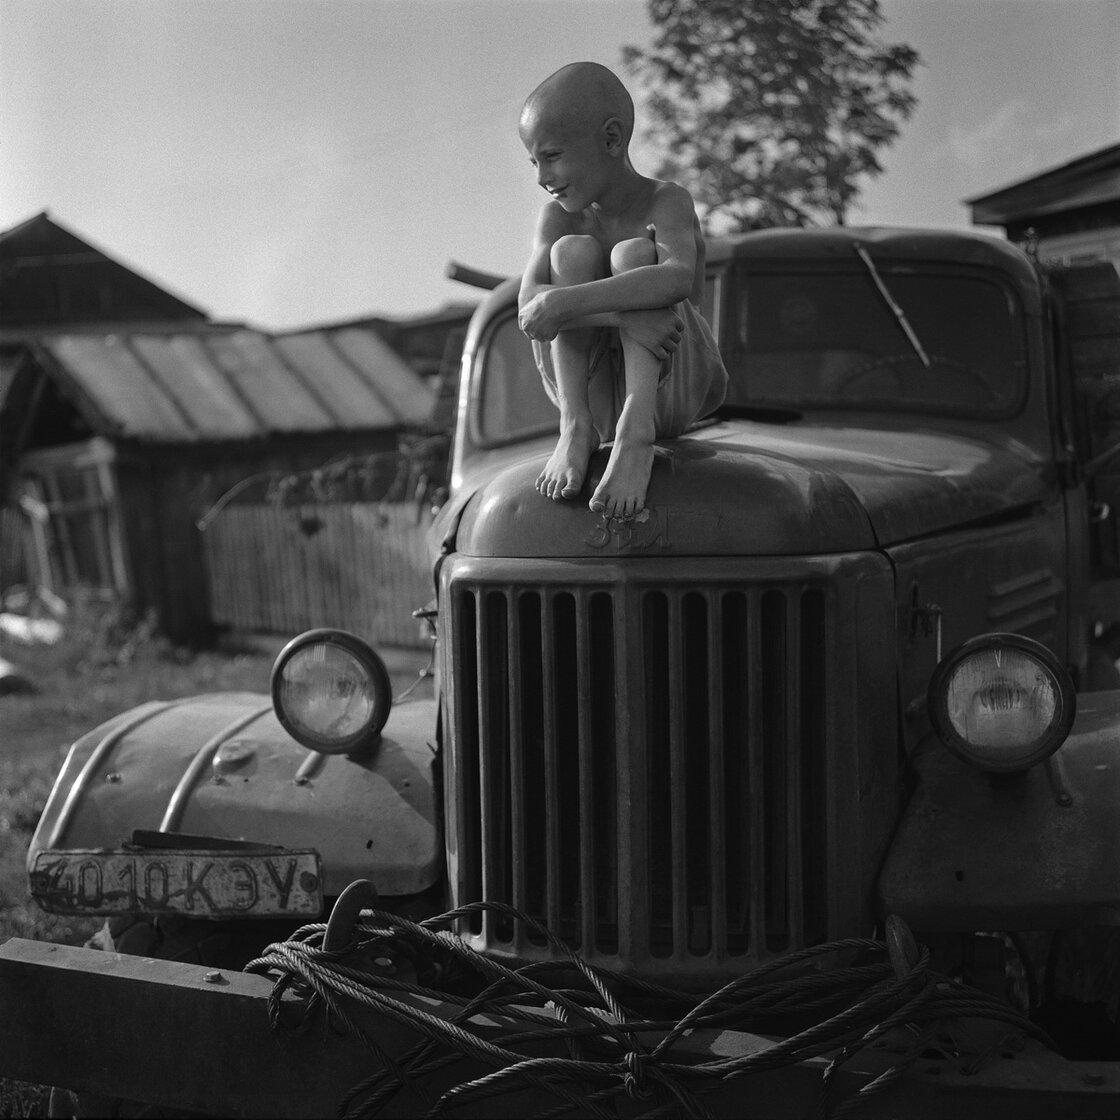 A boy named Zahar sits on an old car in a village called Rossiyka near Krasnoyarsk.